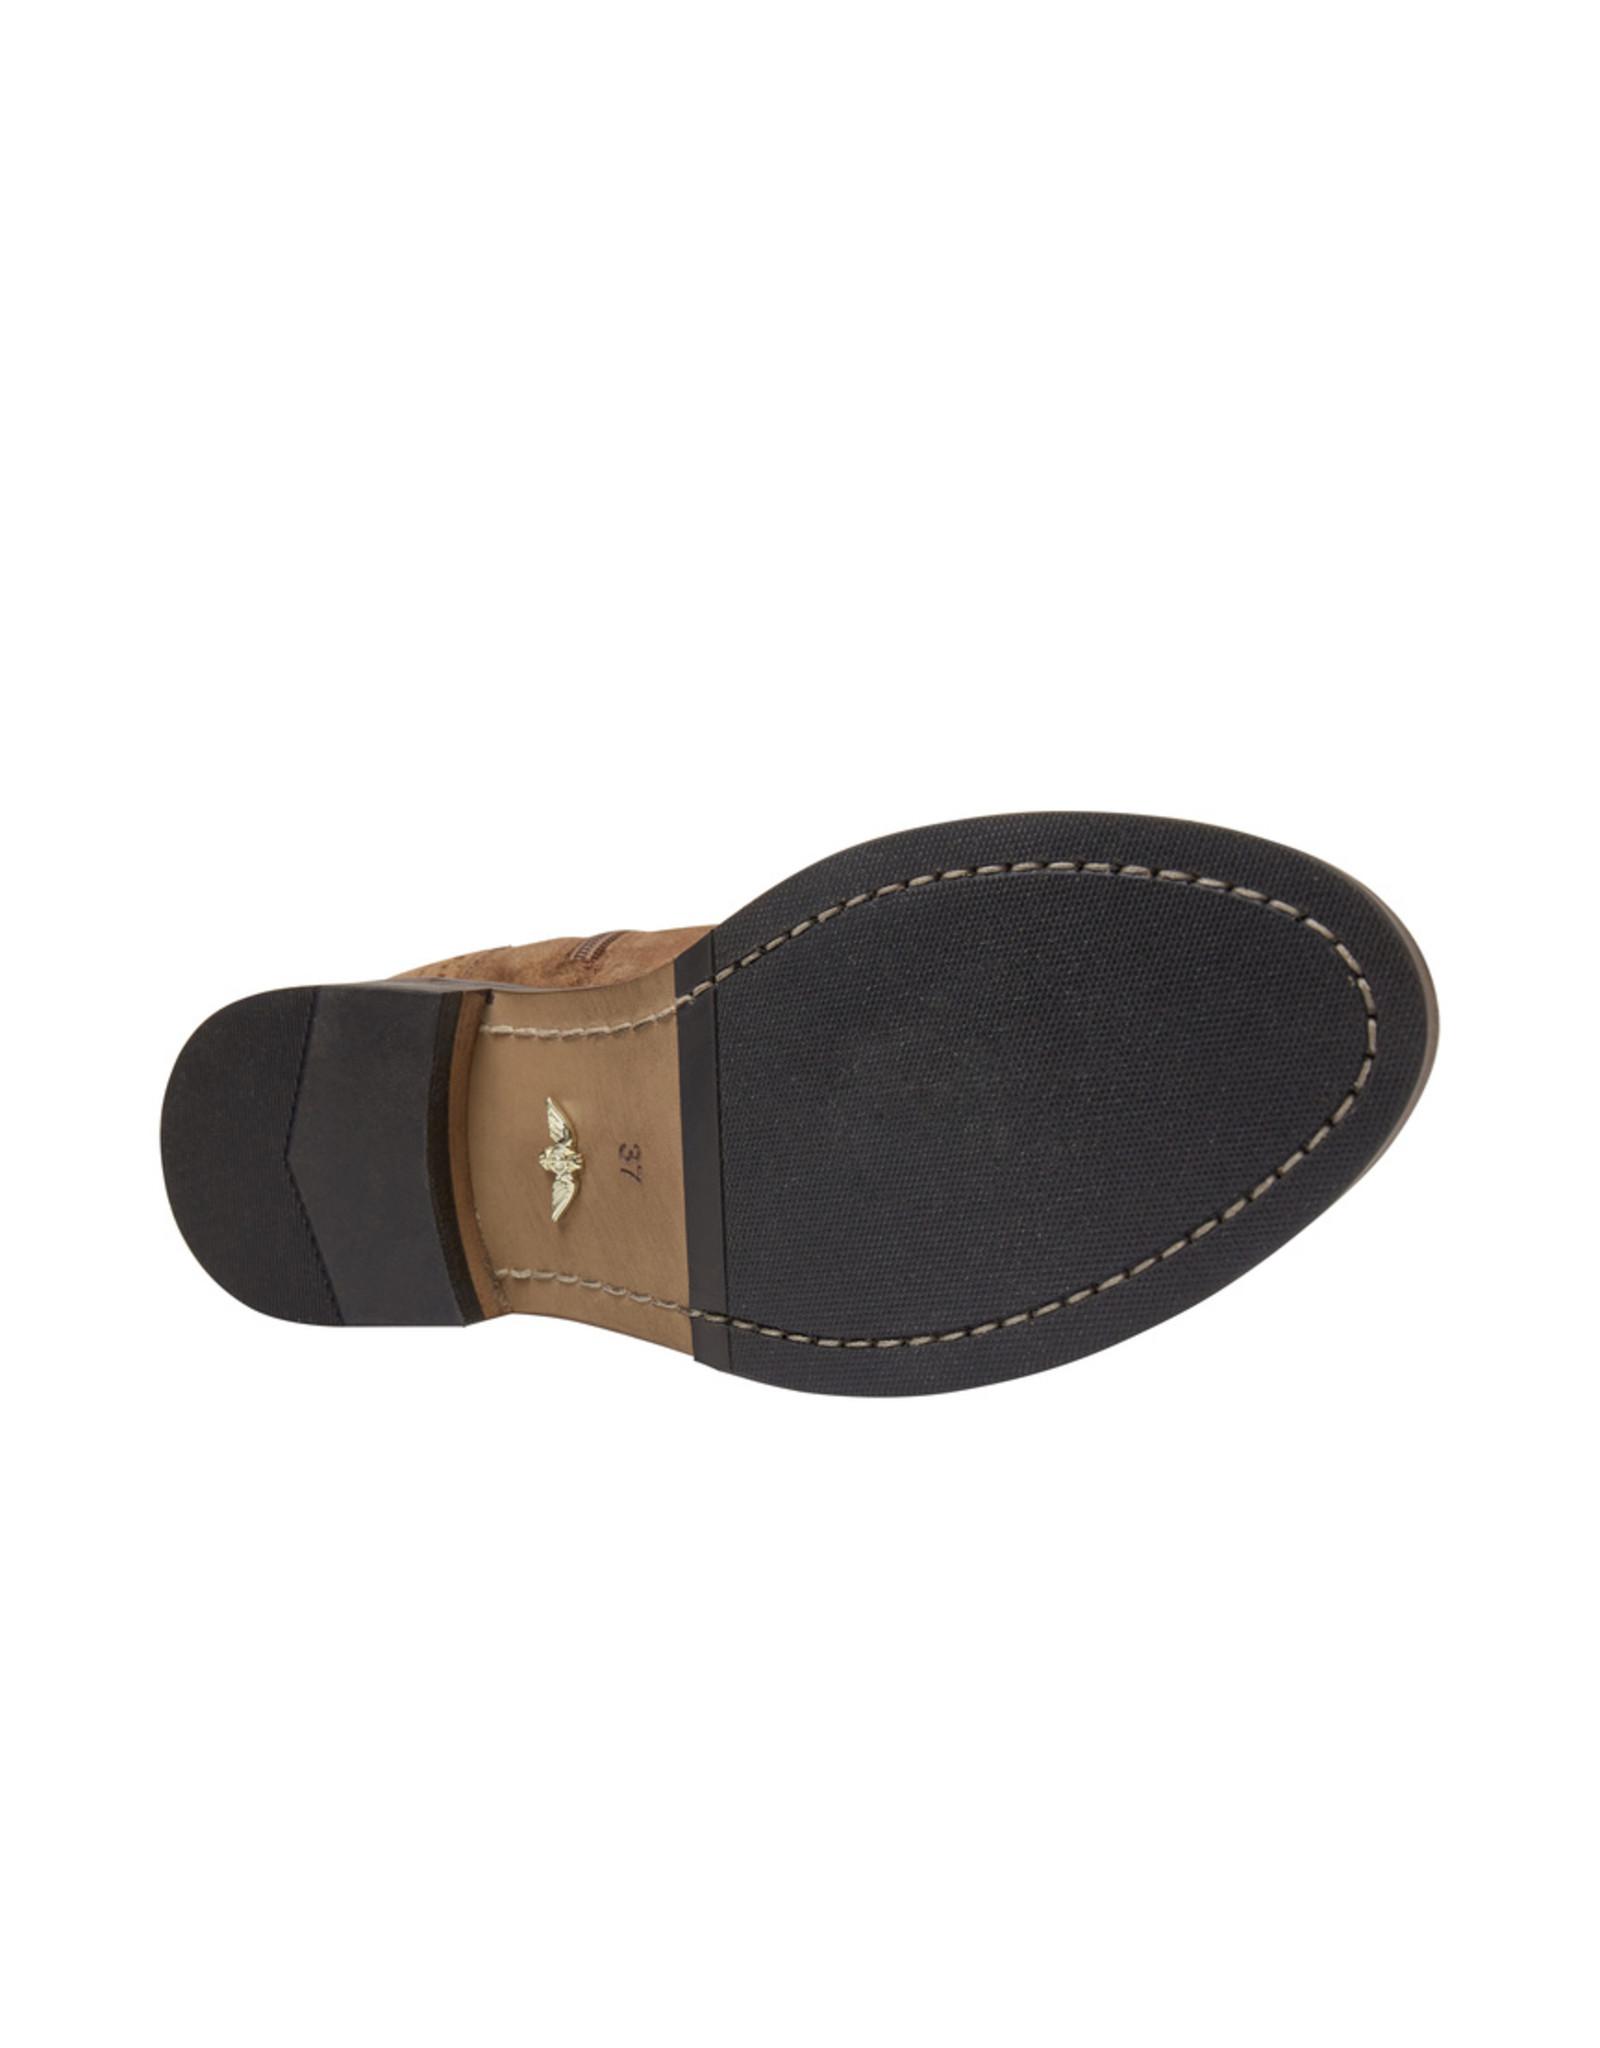 Mos Mosh 140180 - Vancouver Garcon Boot